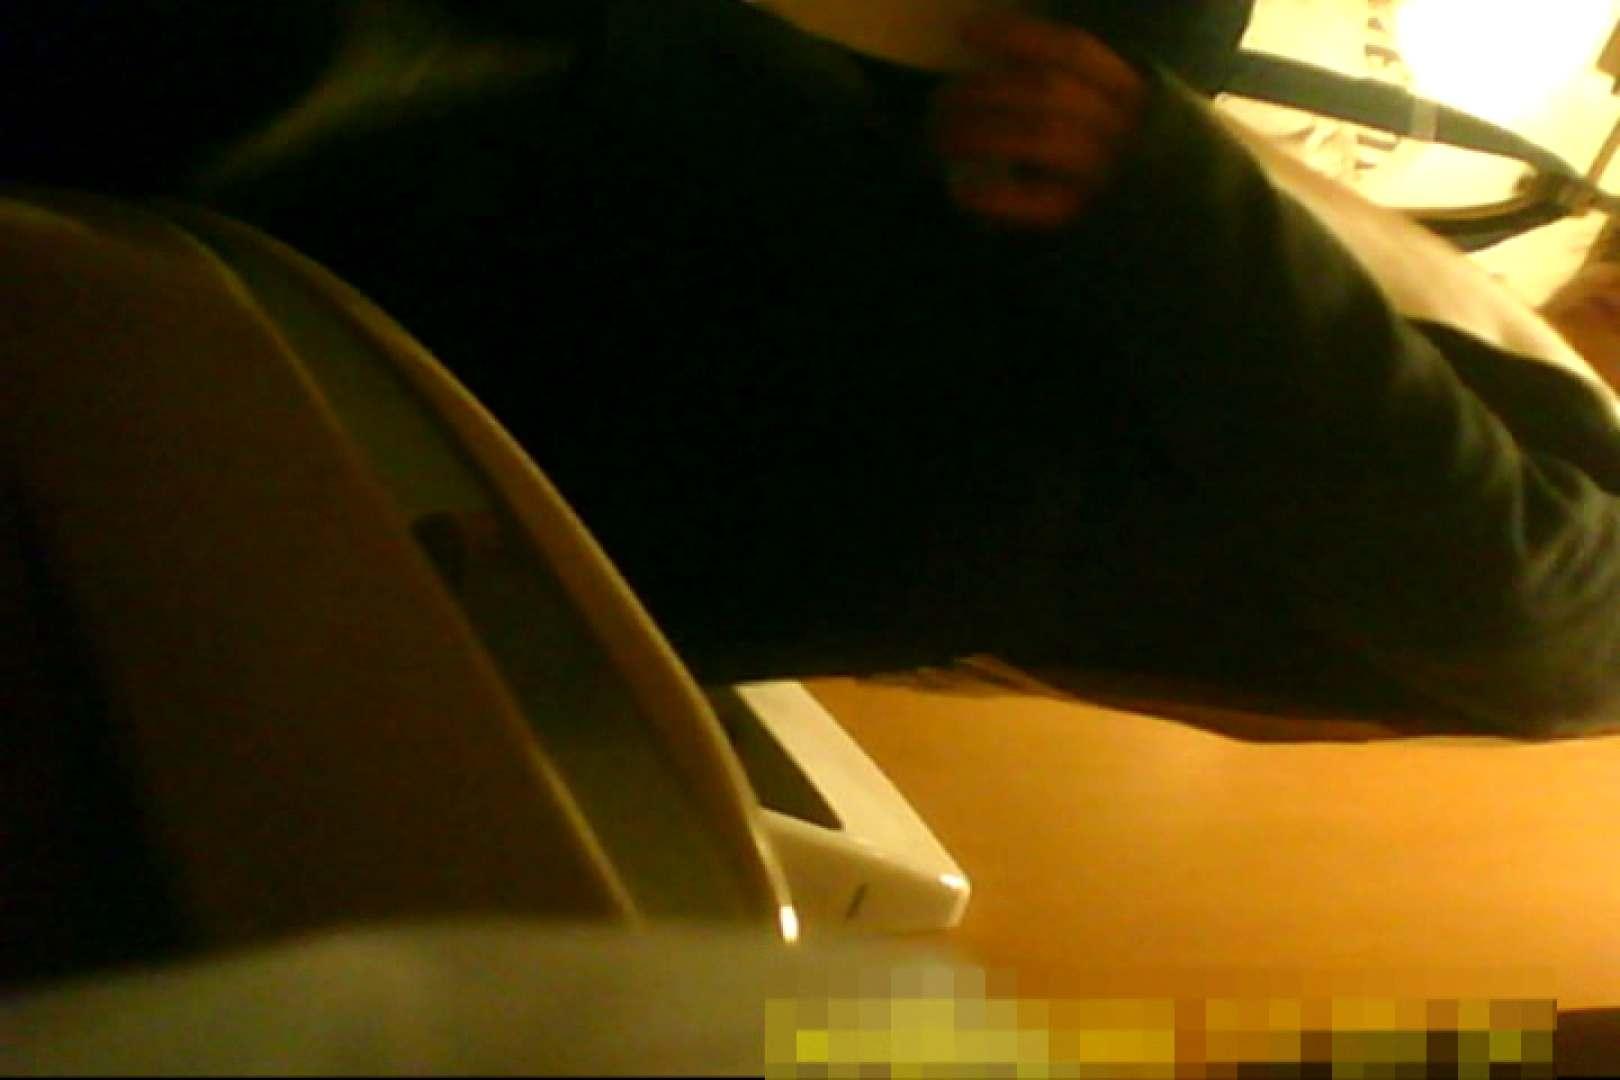 魅惑の化粧室~禁断のプライベート空間~vol.9 ぽっちゃり オマンコ無修正動画無料 56pic 55